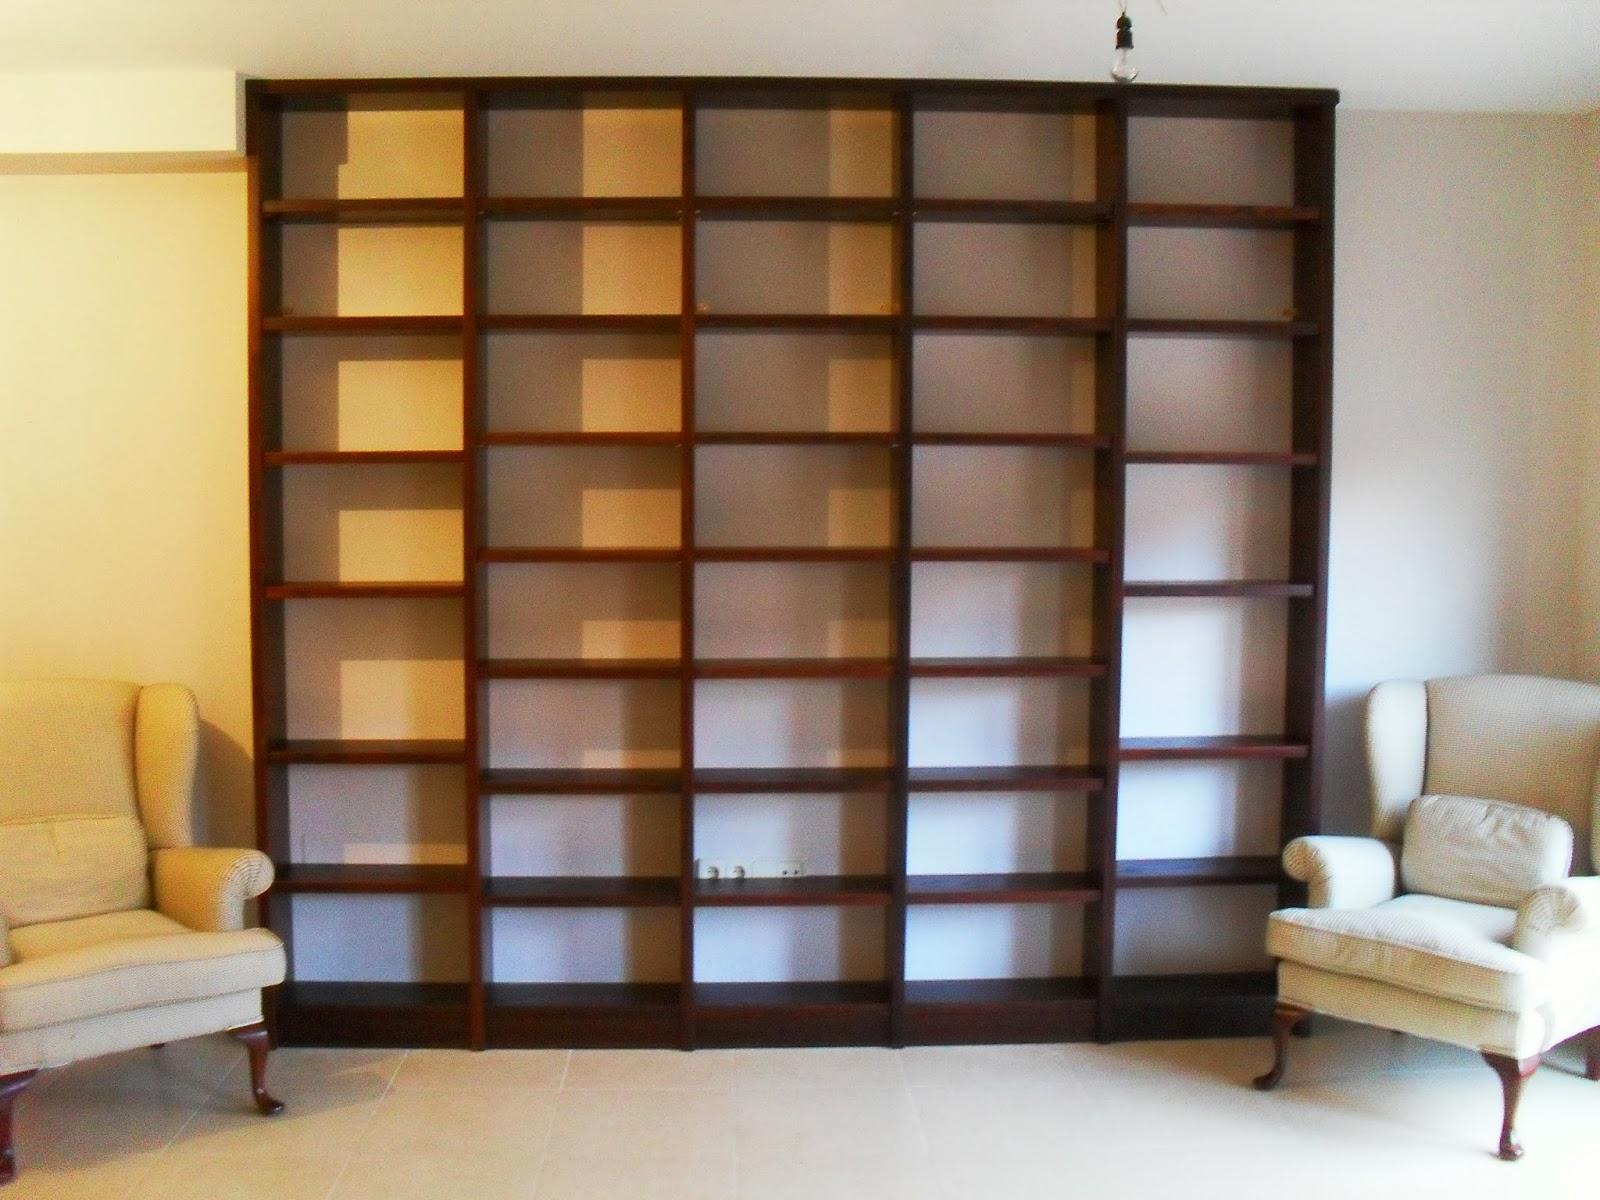 Libreria a medida madrid mueble a medida 617075183 for Muebles de algarrobo precios